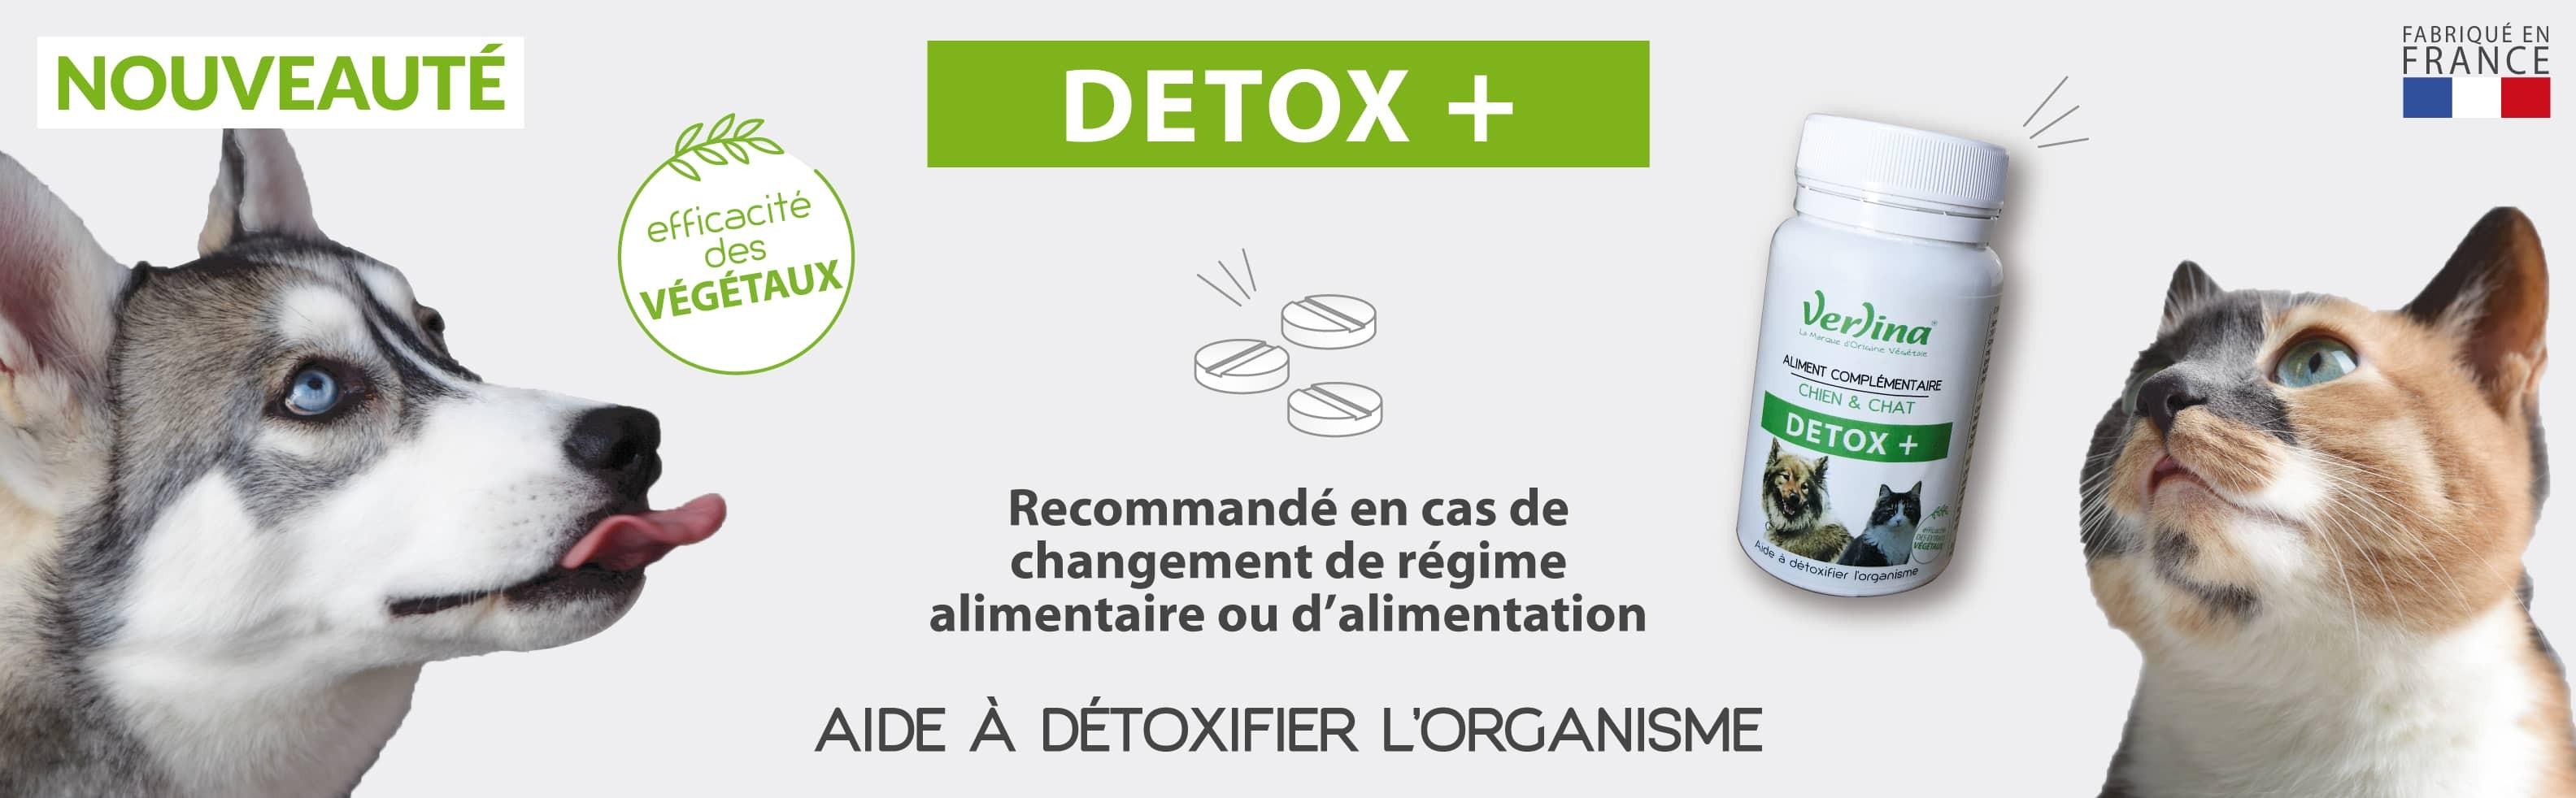 Nouveauté : DETOX + aide à détoxifier l'organisme